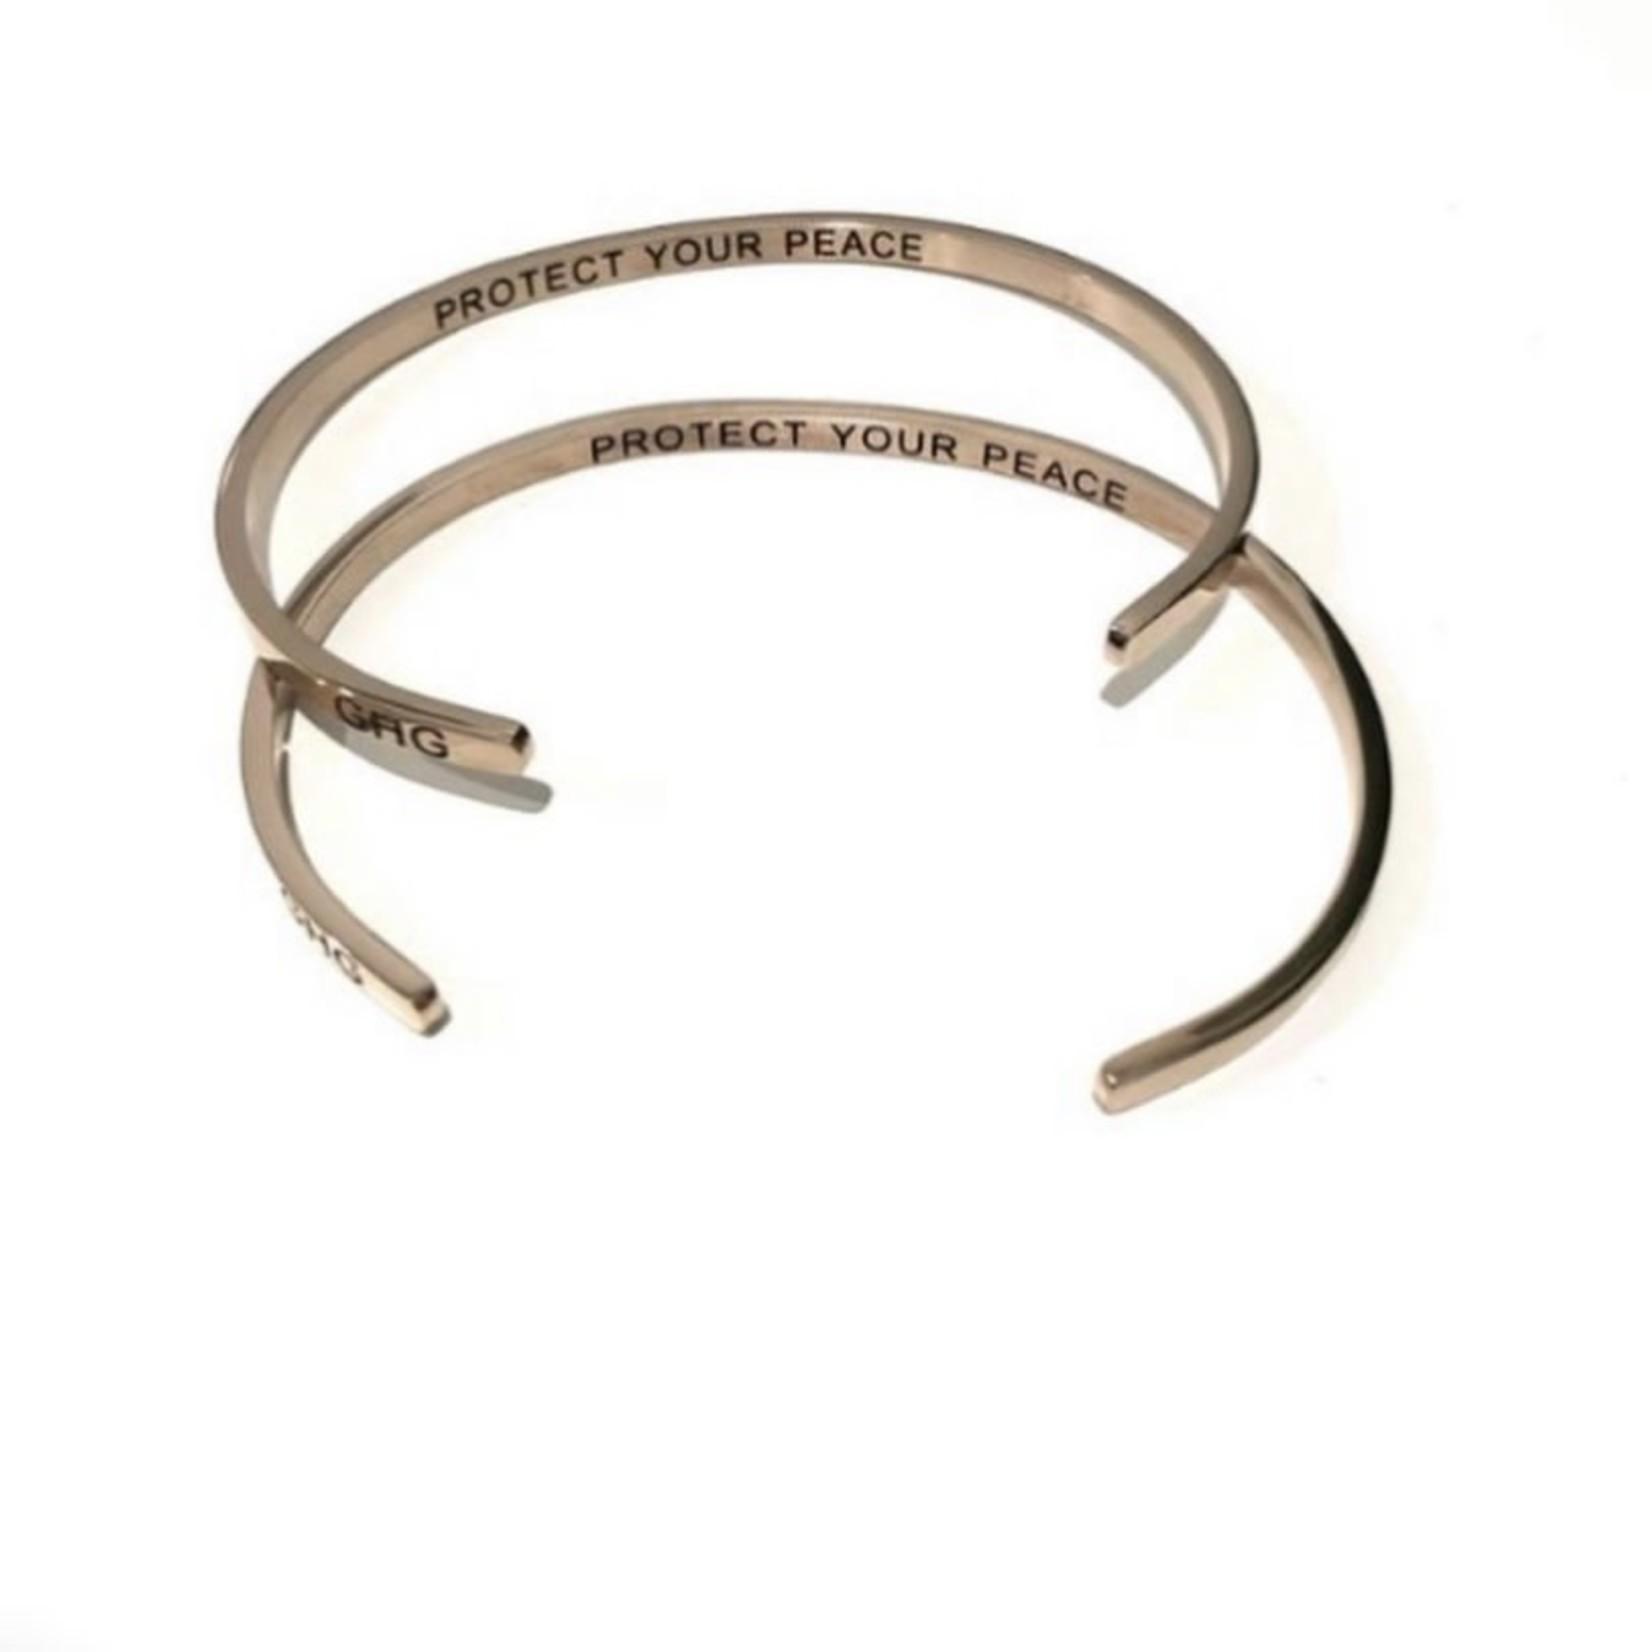 Glass House Goods GHG Bracelet